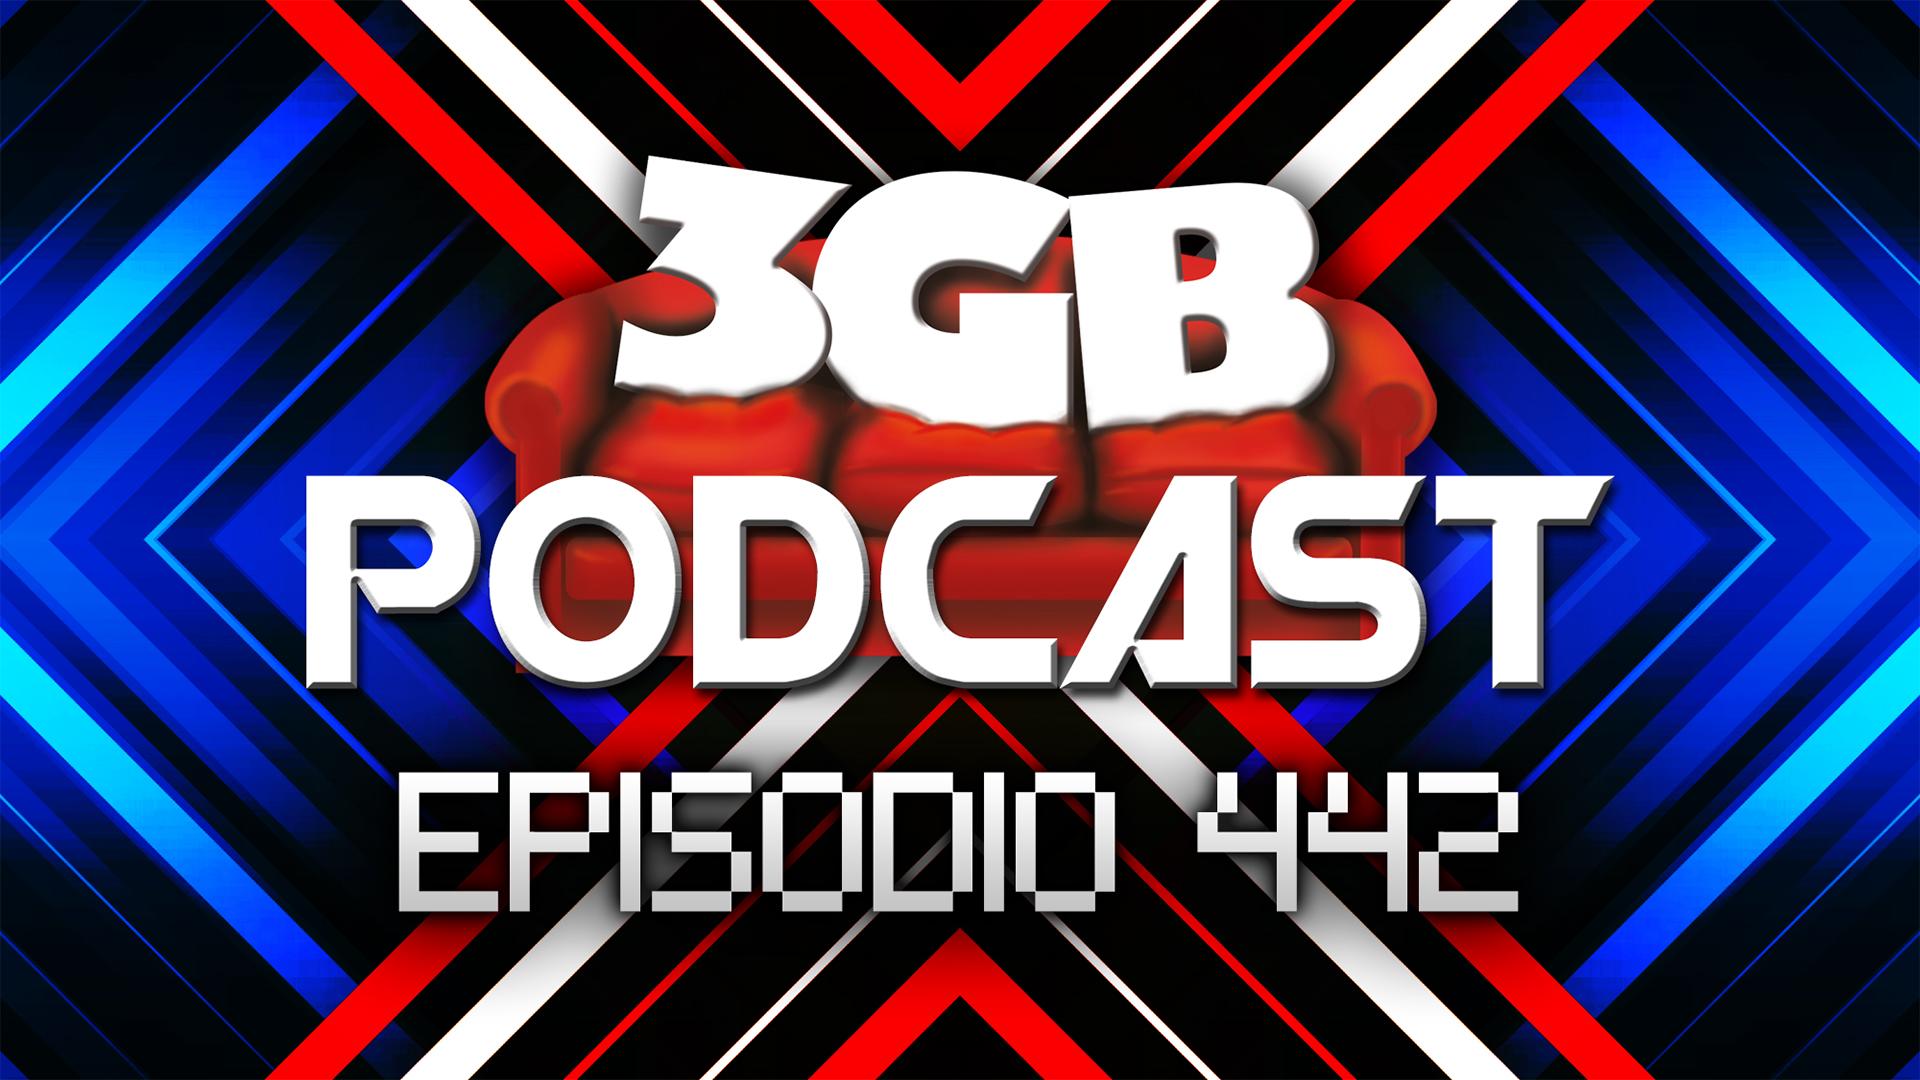 Podcast: Episodio 442, La mitad del final fue mi principio